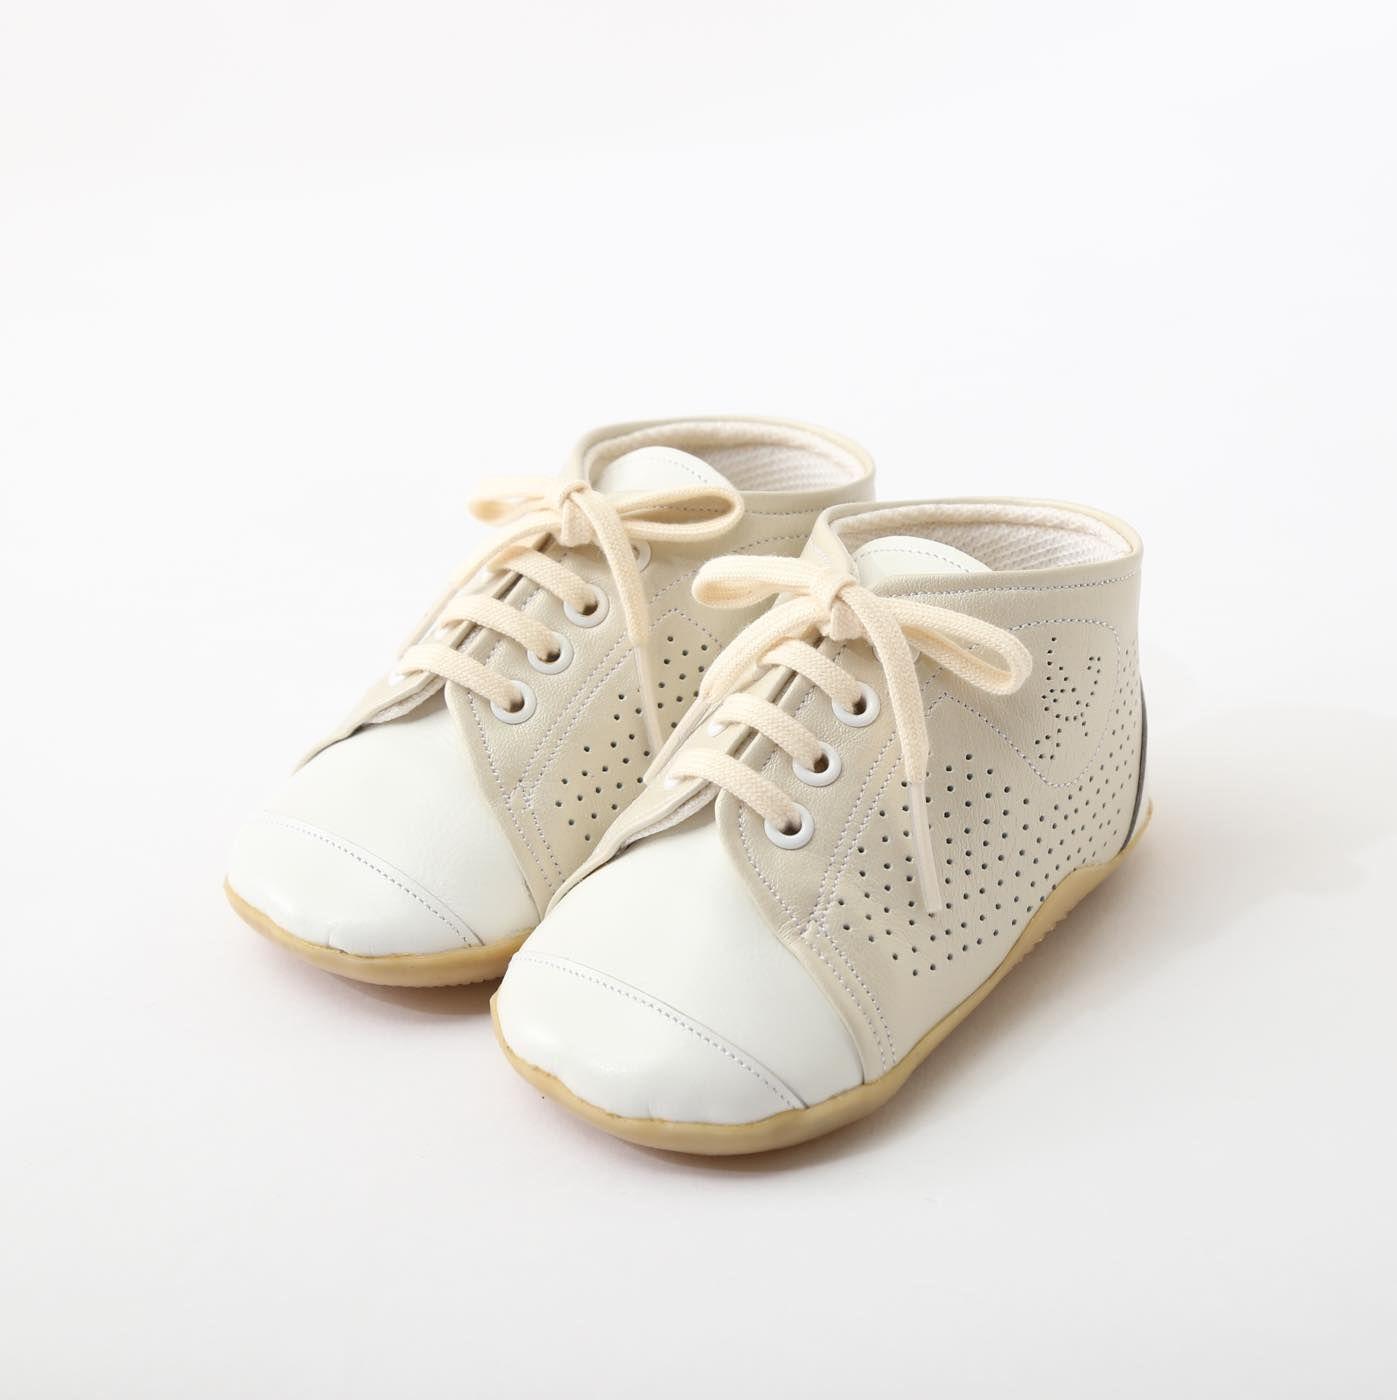 ベビーシューズ パールホワイト pearl white